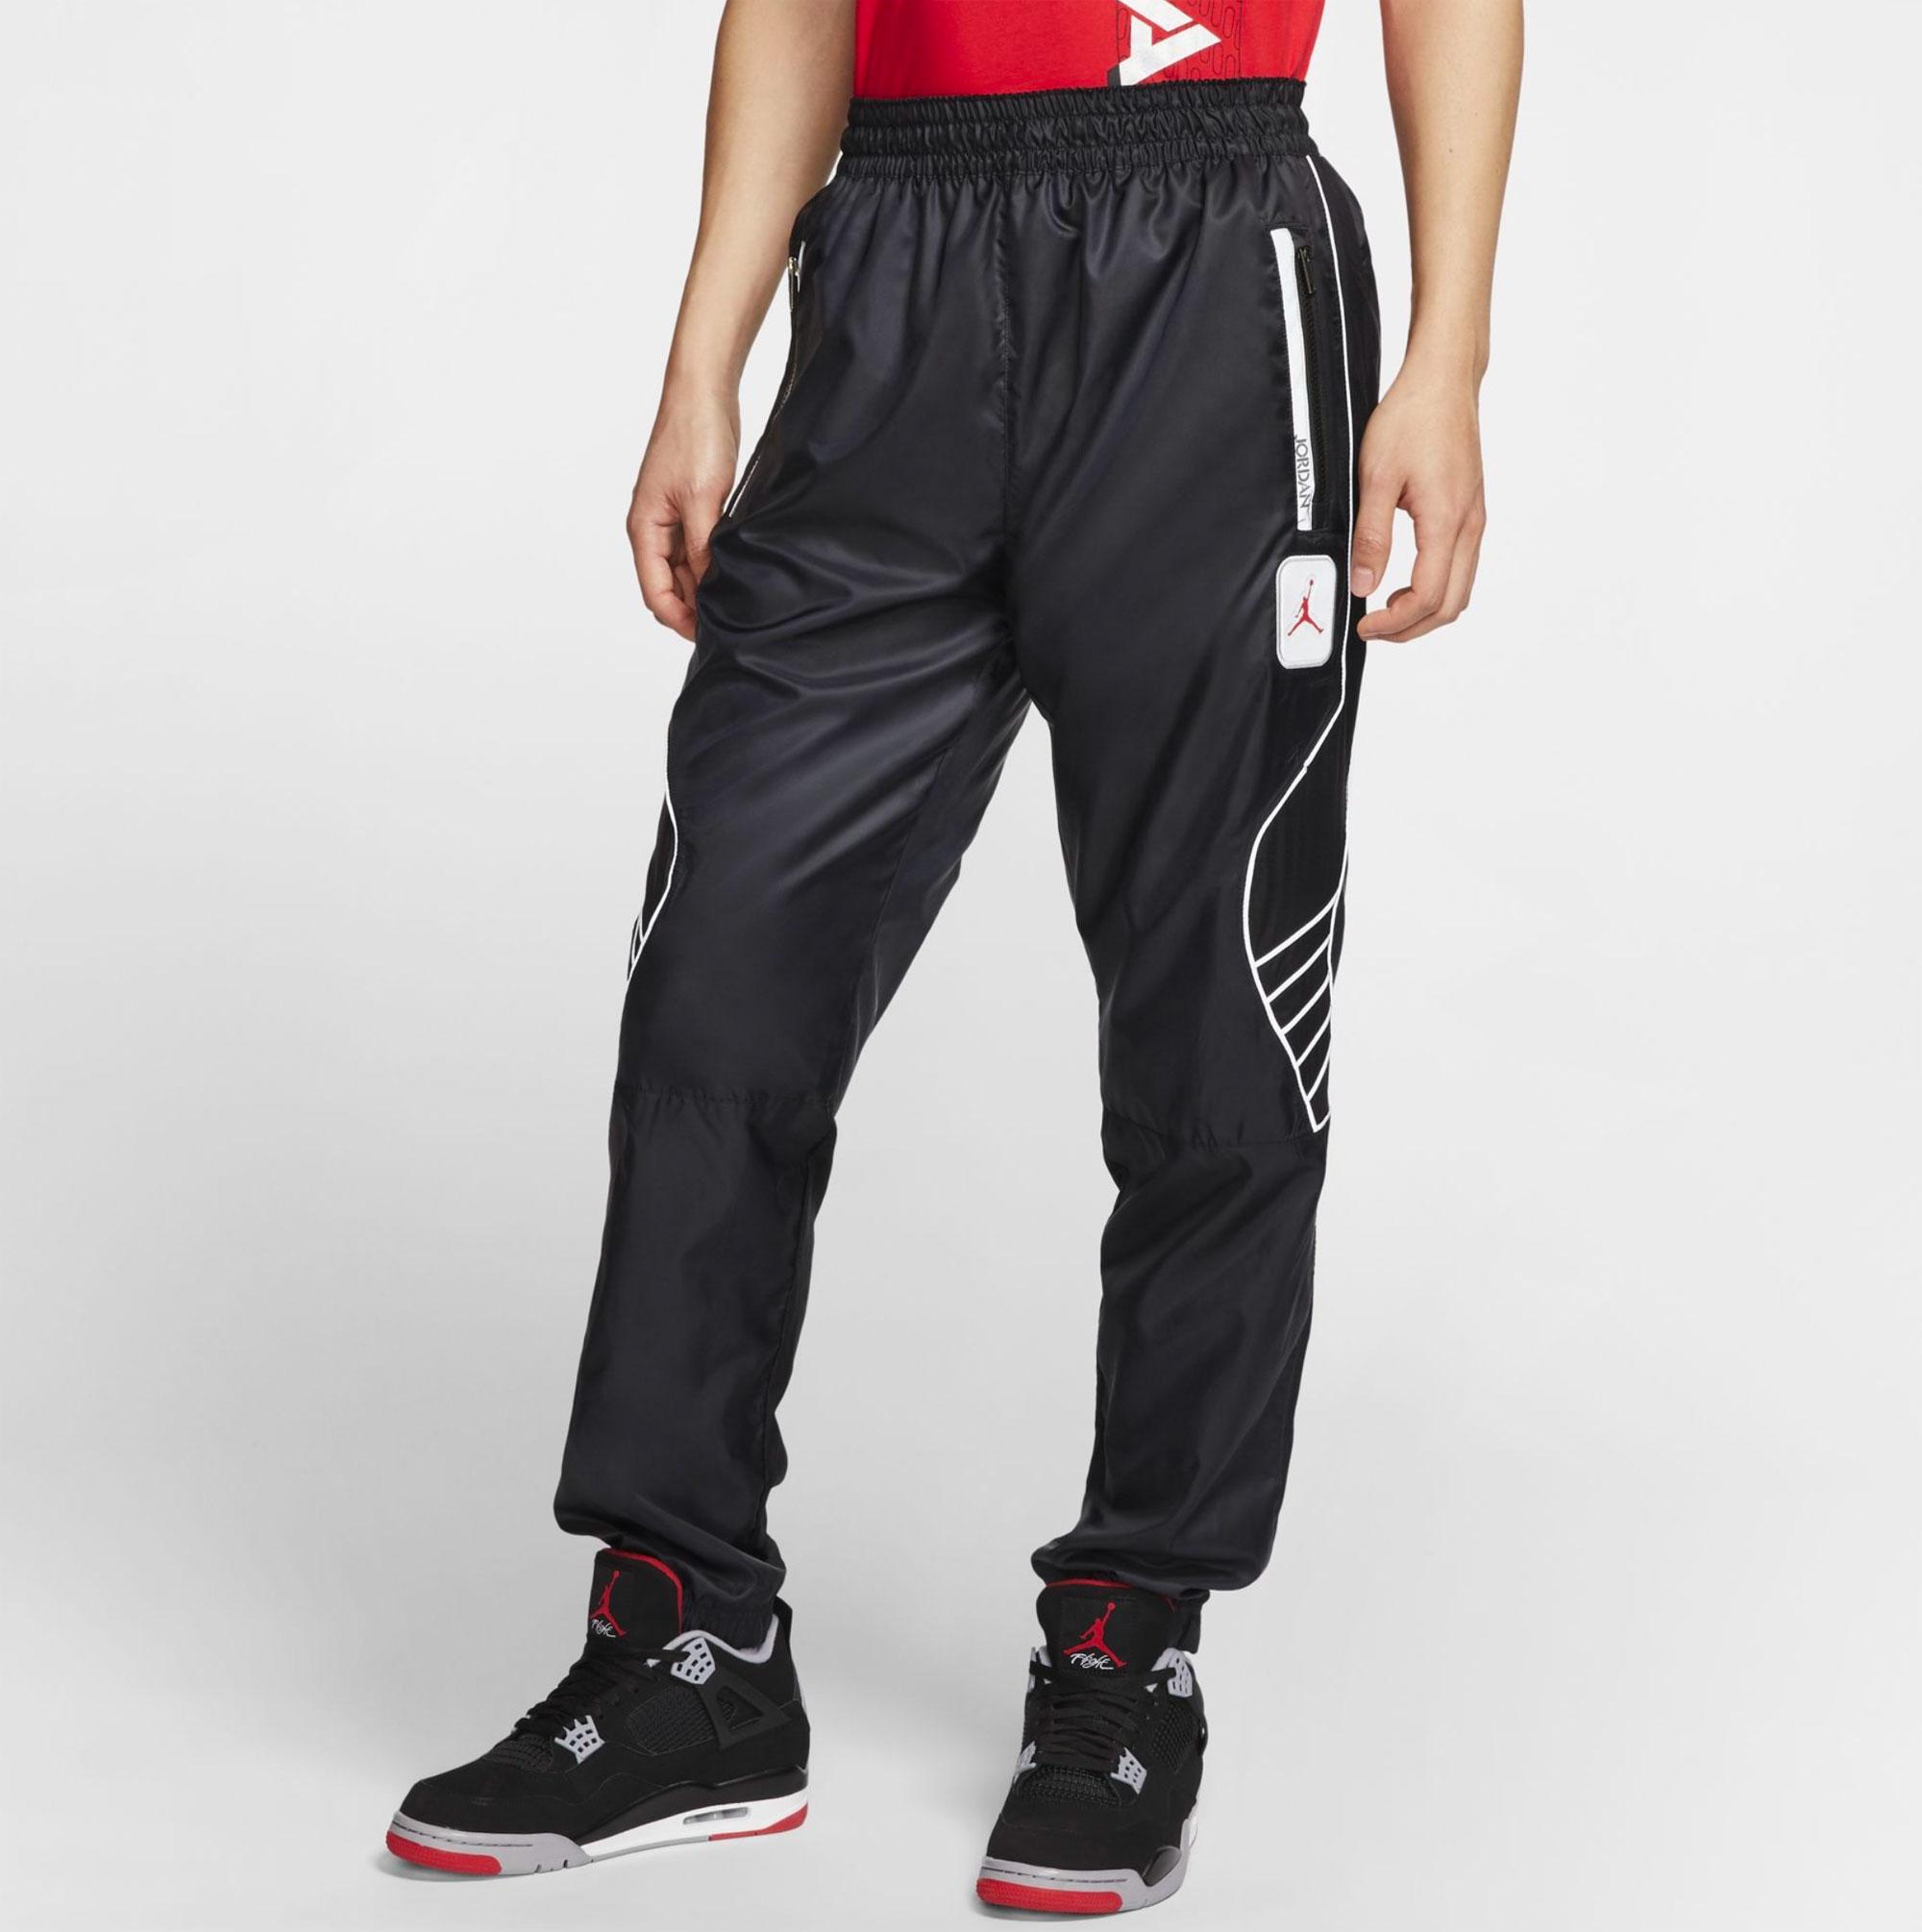 air-jordan-5-fire-red-black-pants